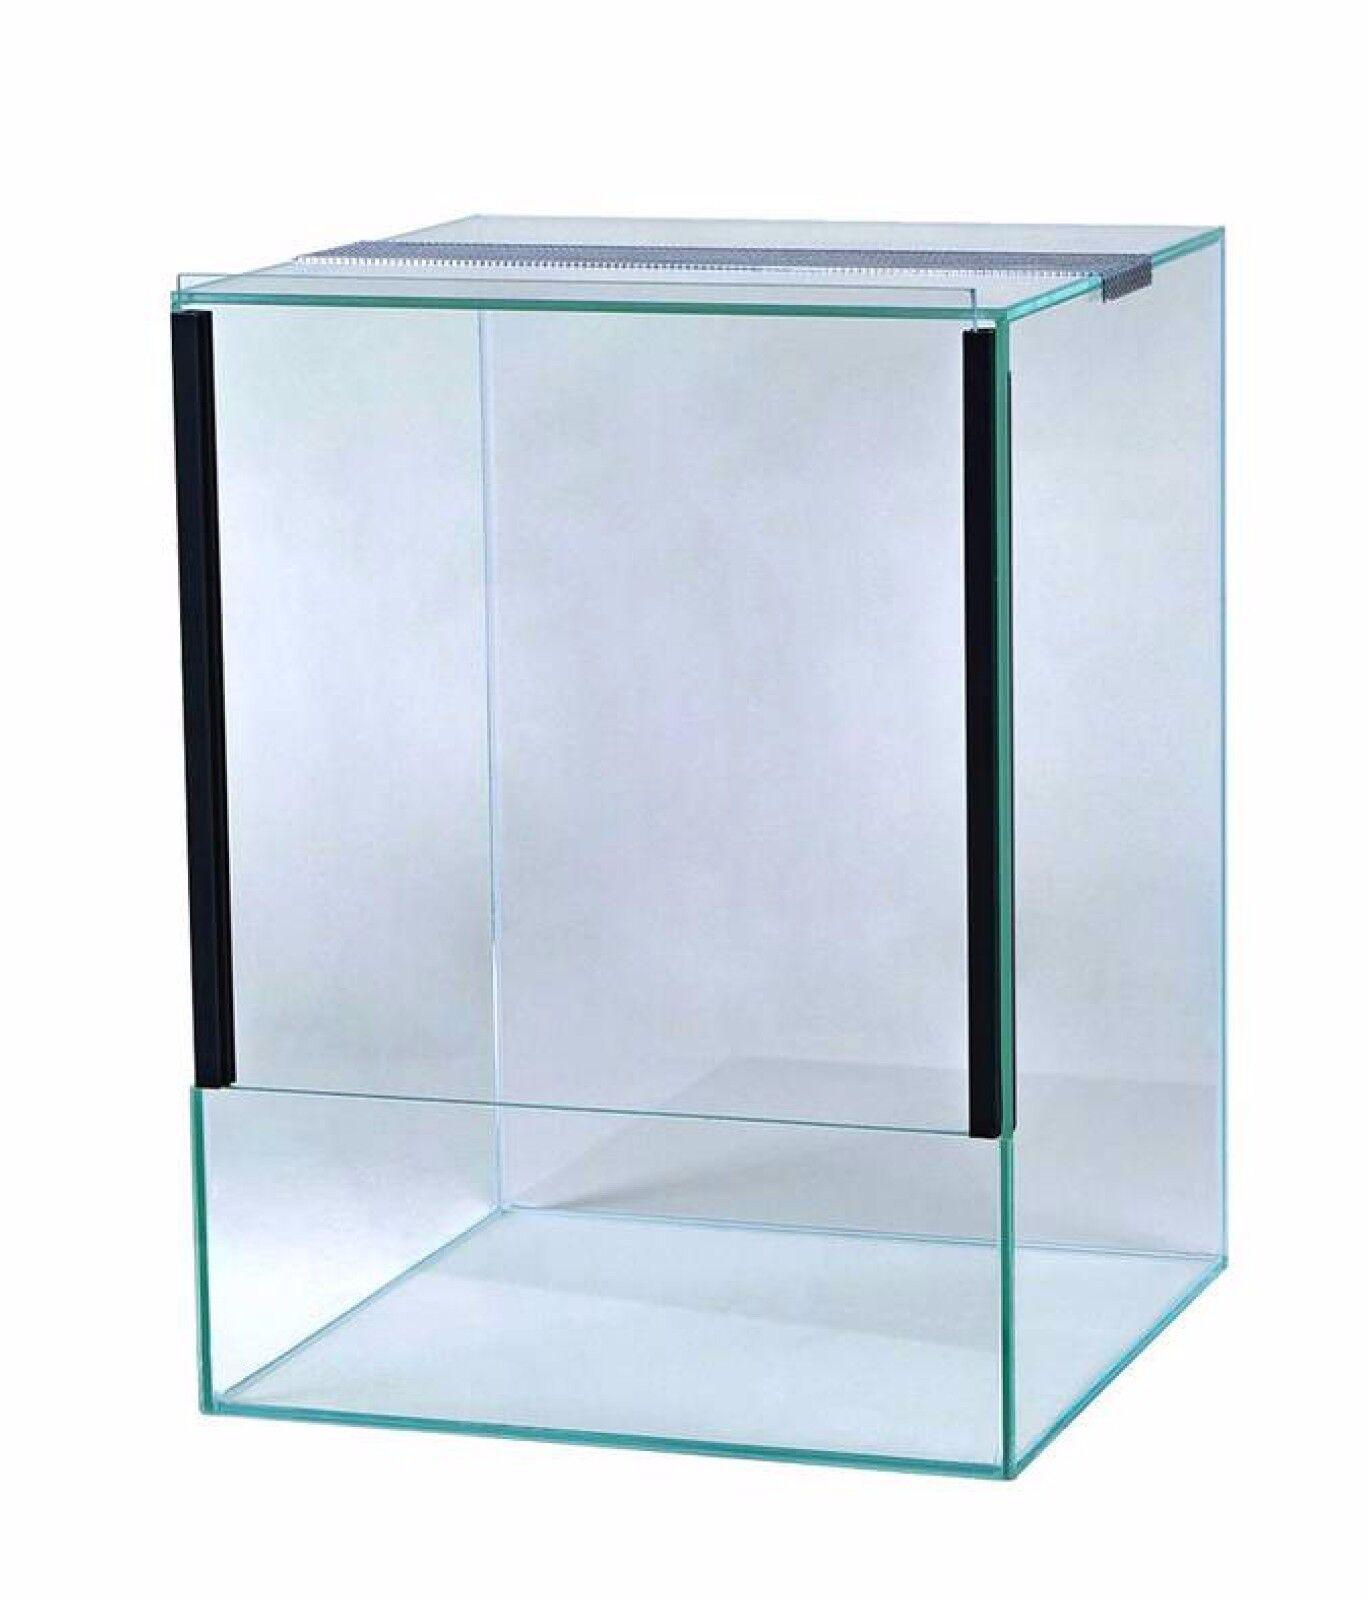 Glas Terrarium Schiebetür Falltür Glasterrarium Reptilien Spinnen viele Größen 20x20x30 Falltür